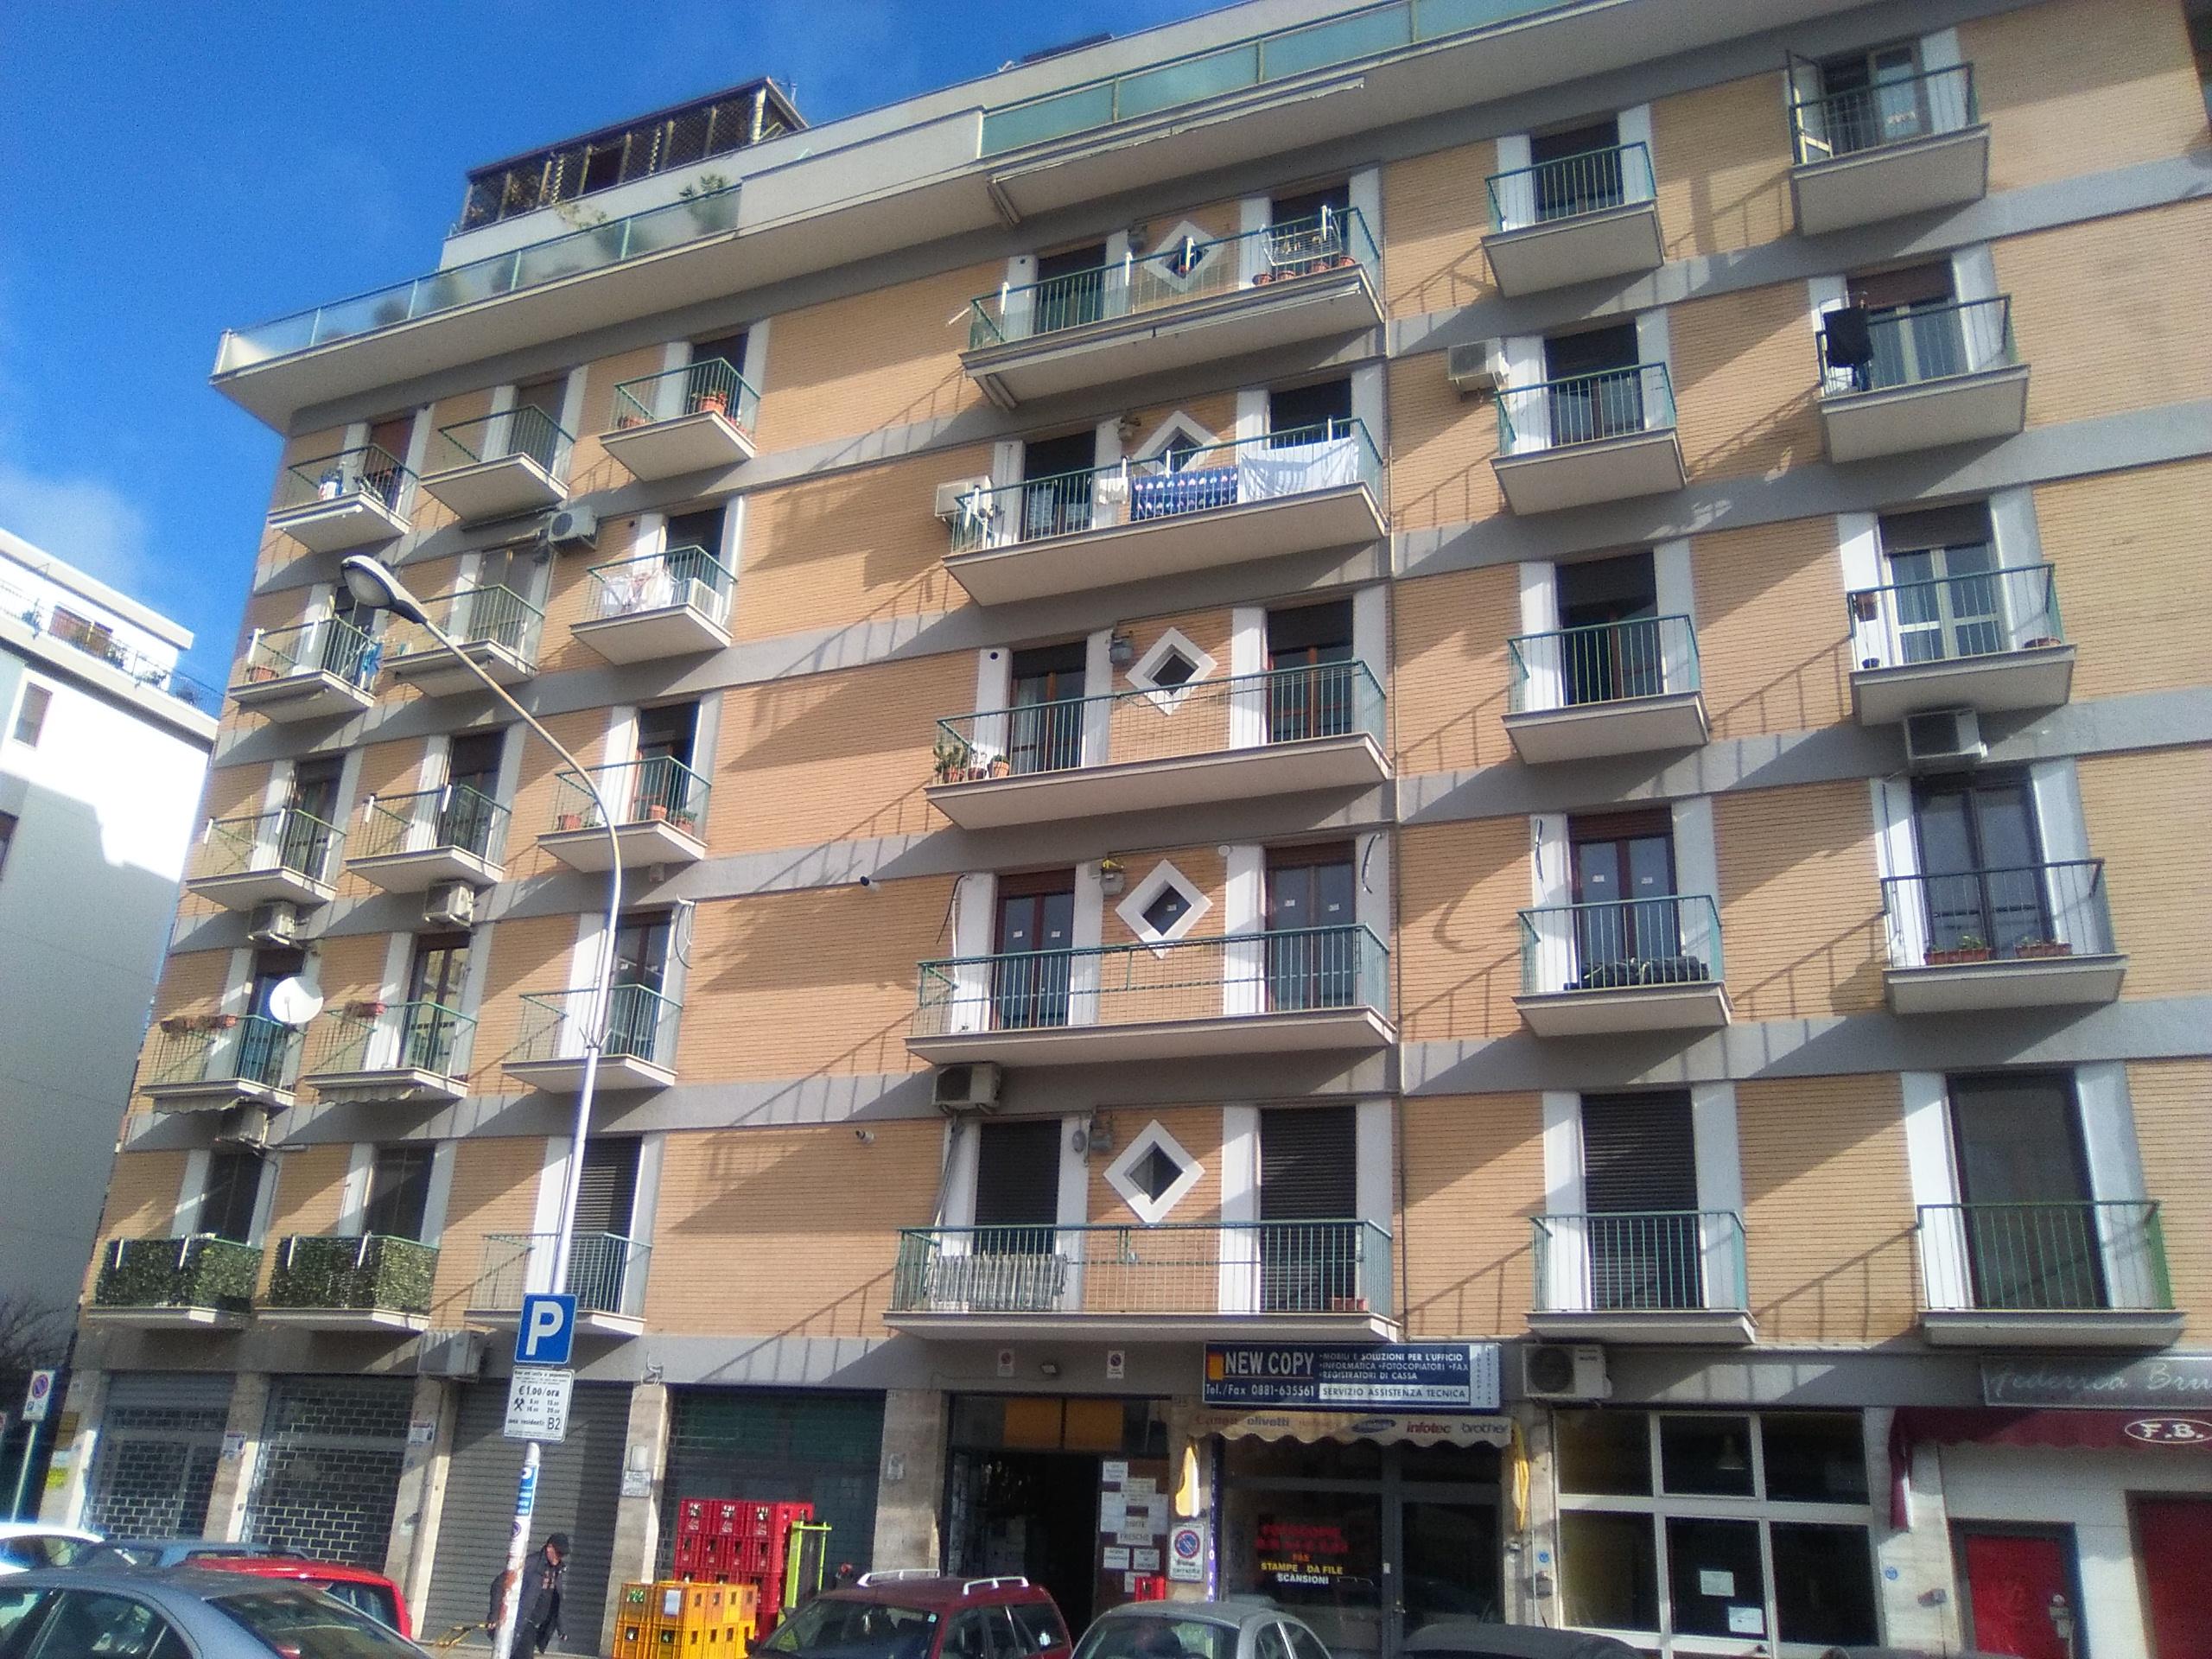 Foggia-Appartamento in Viale di Vittorio 4 vani accessori e Box